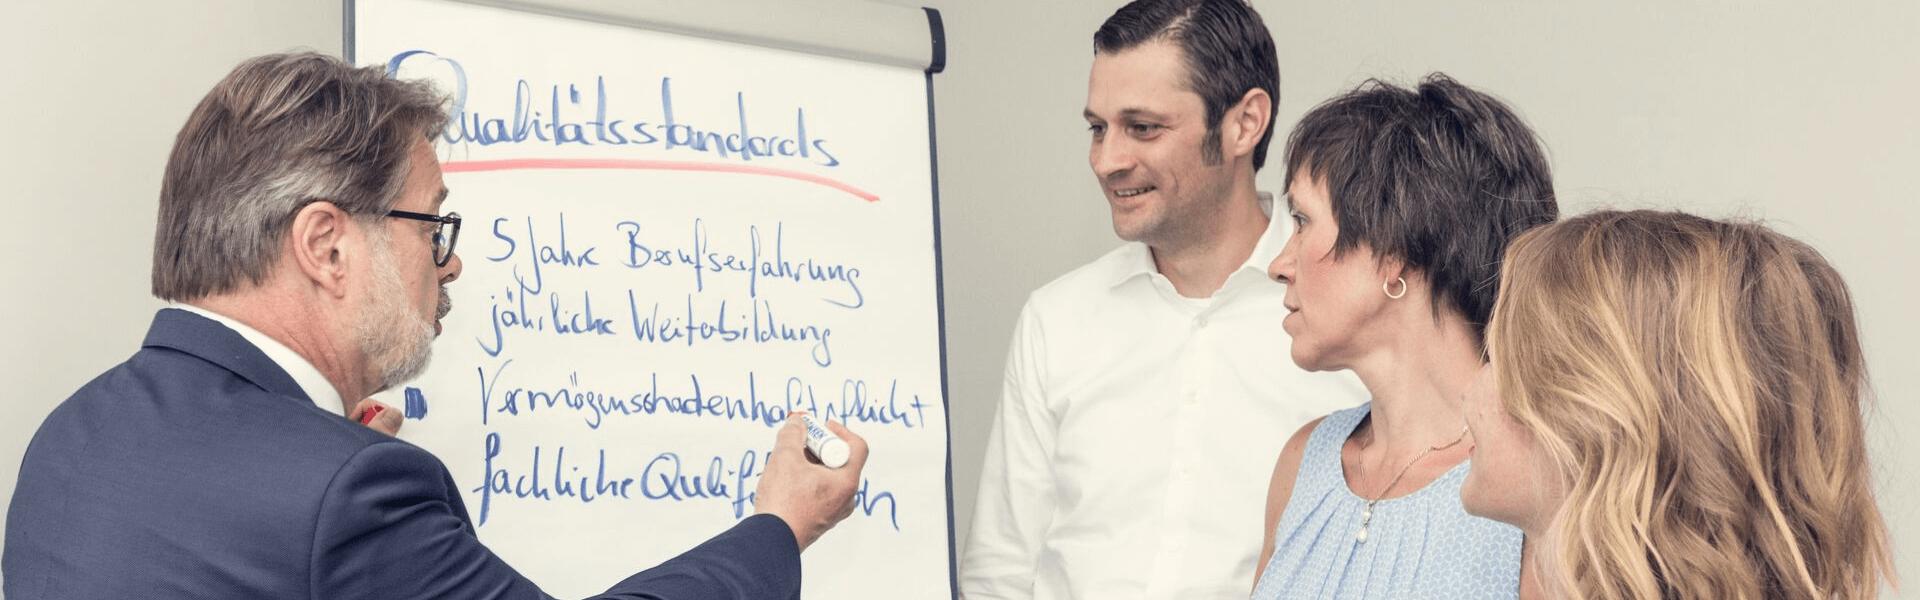 Qualitätsstandards KMU Beratung